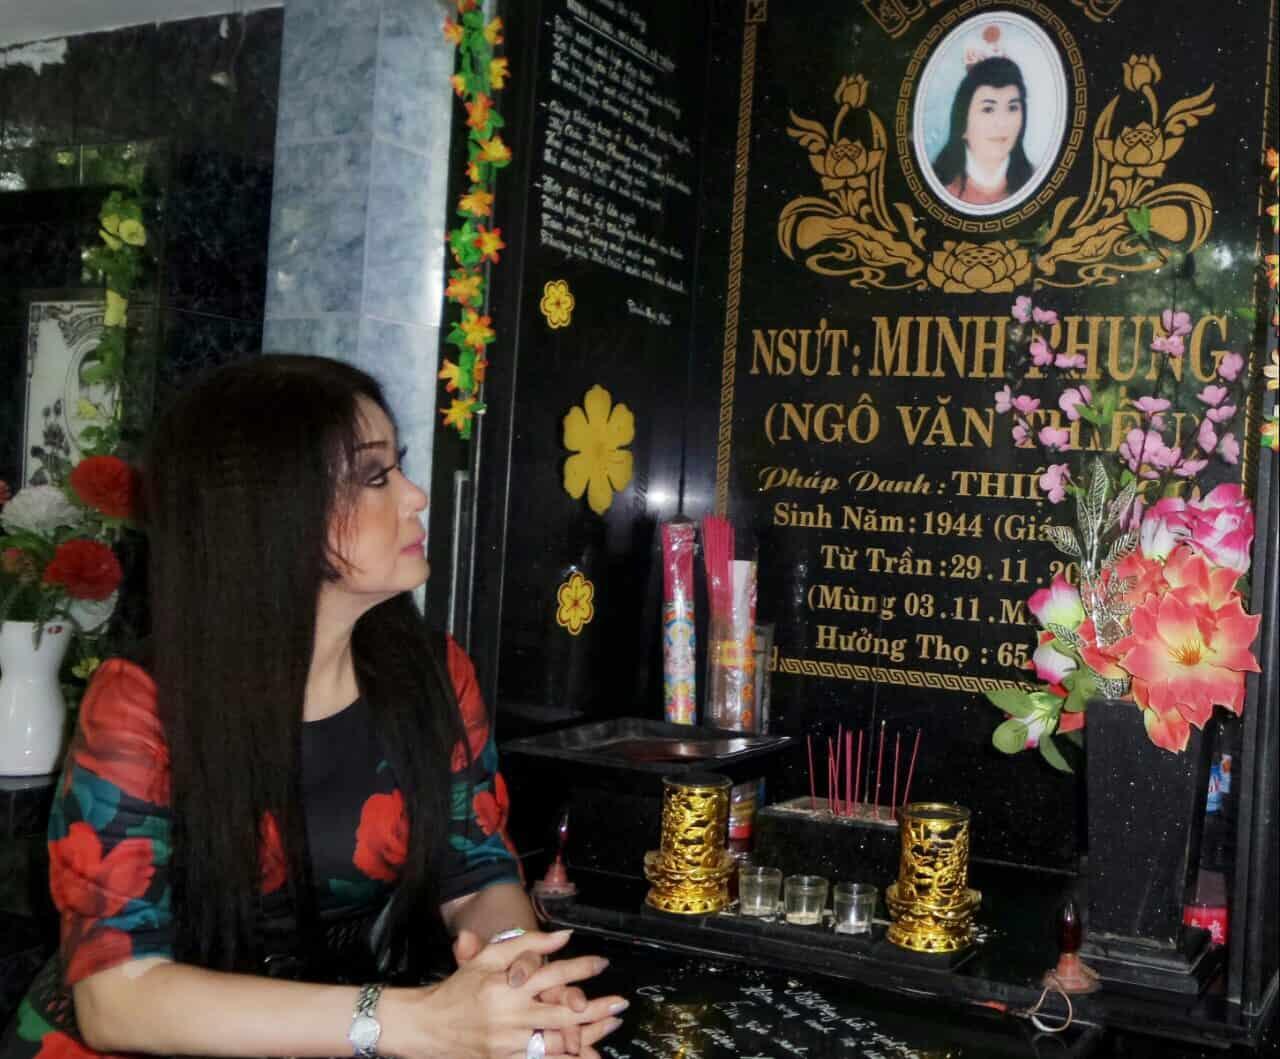 NSƯT Mỹ Châu xúc động bên mộ NSƯT Minh Phụng